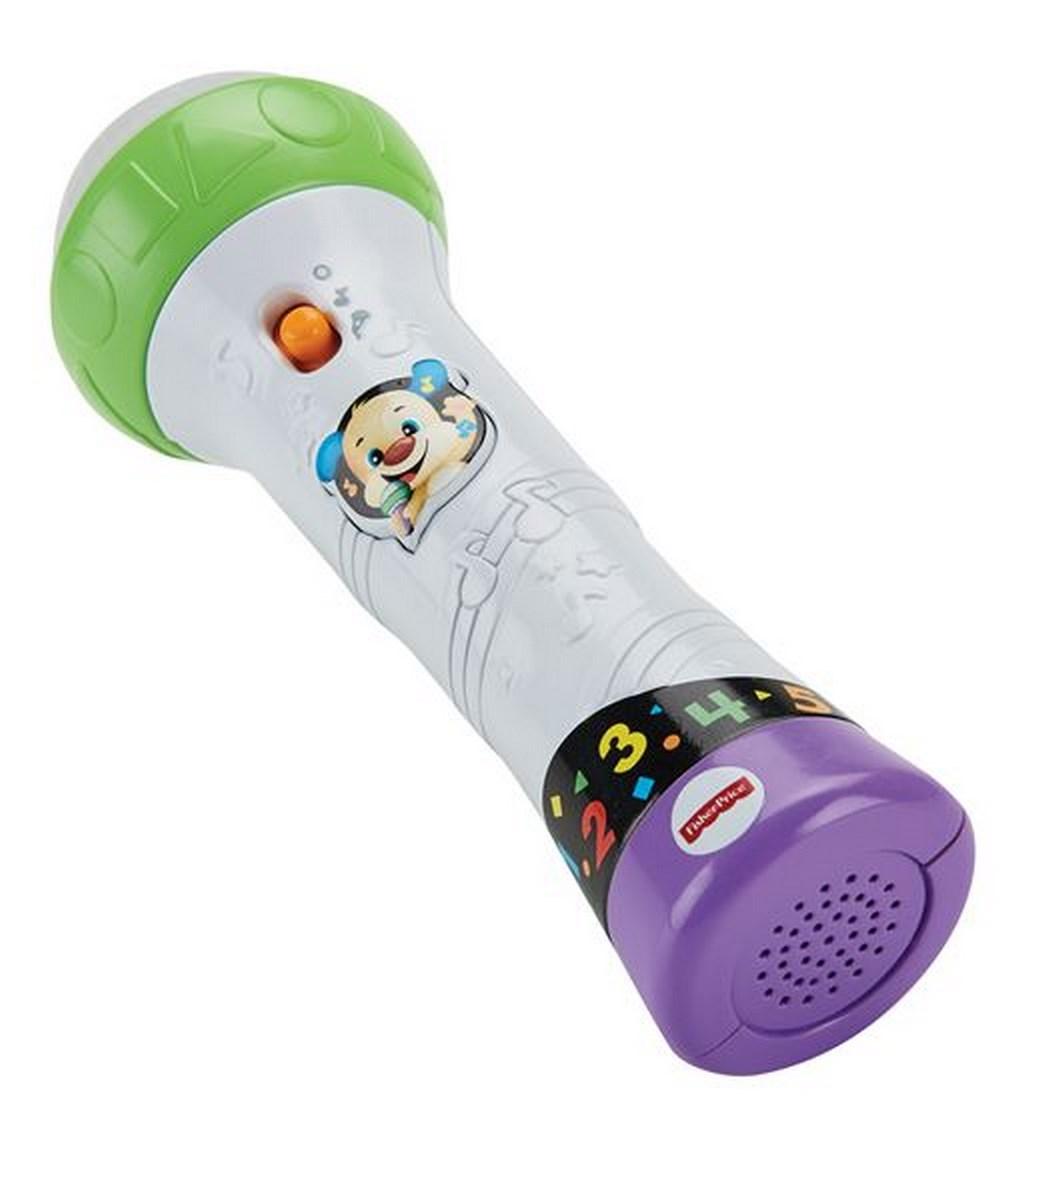 Fisher price mikrofon cz